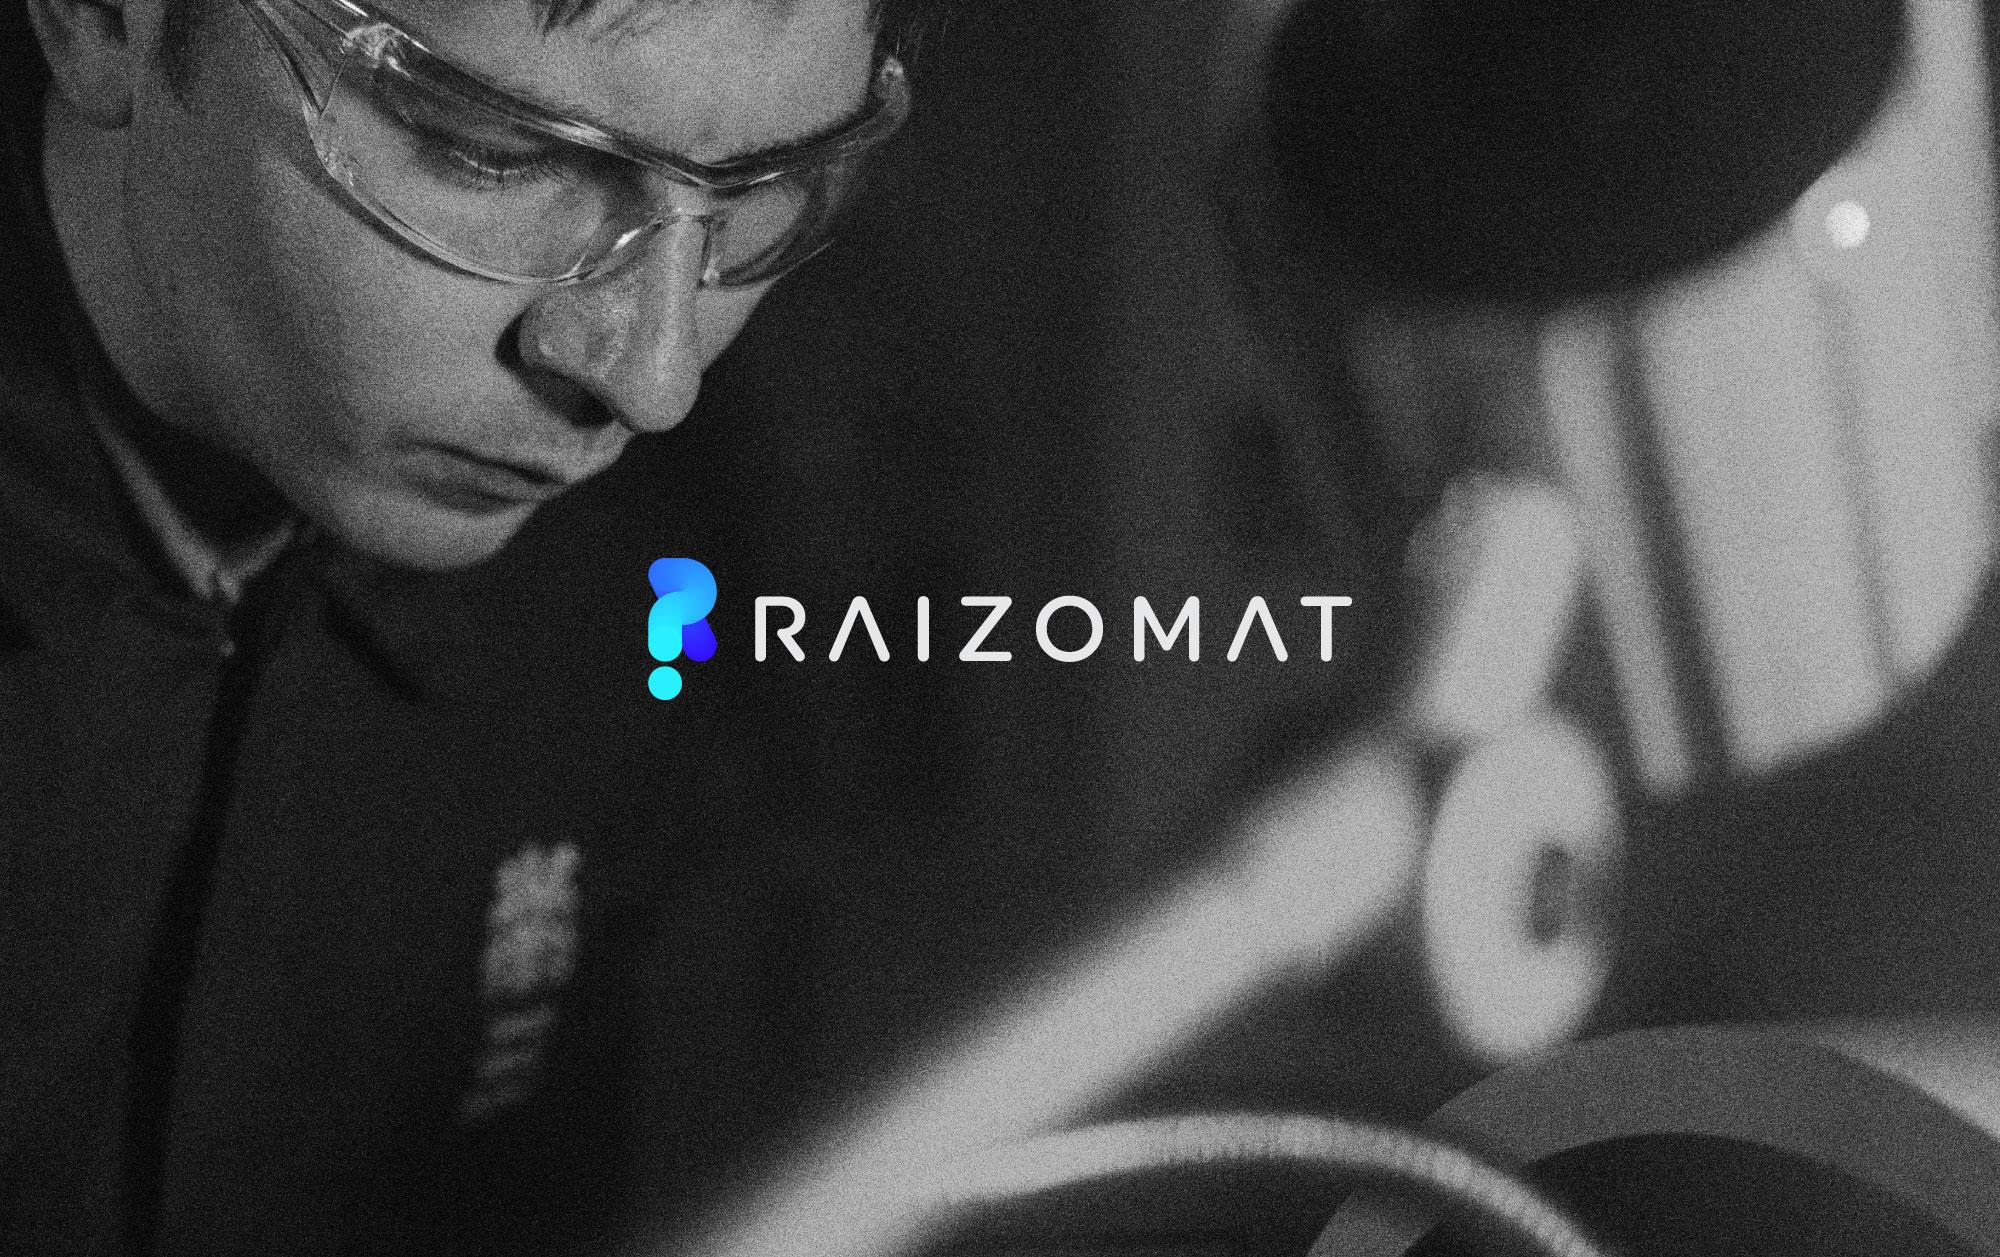 Raizomat-Logo-Photo-Man-V2-2K-q60-01